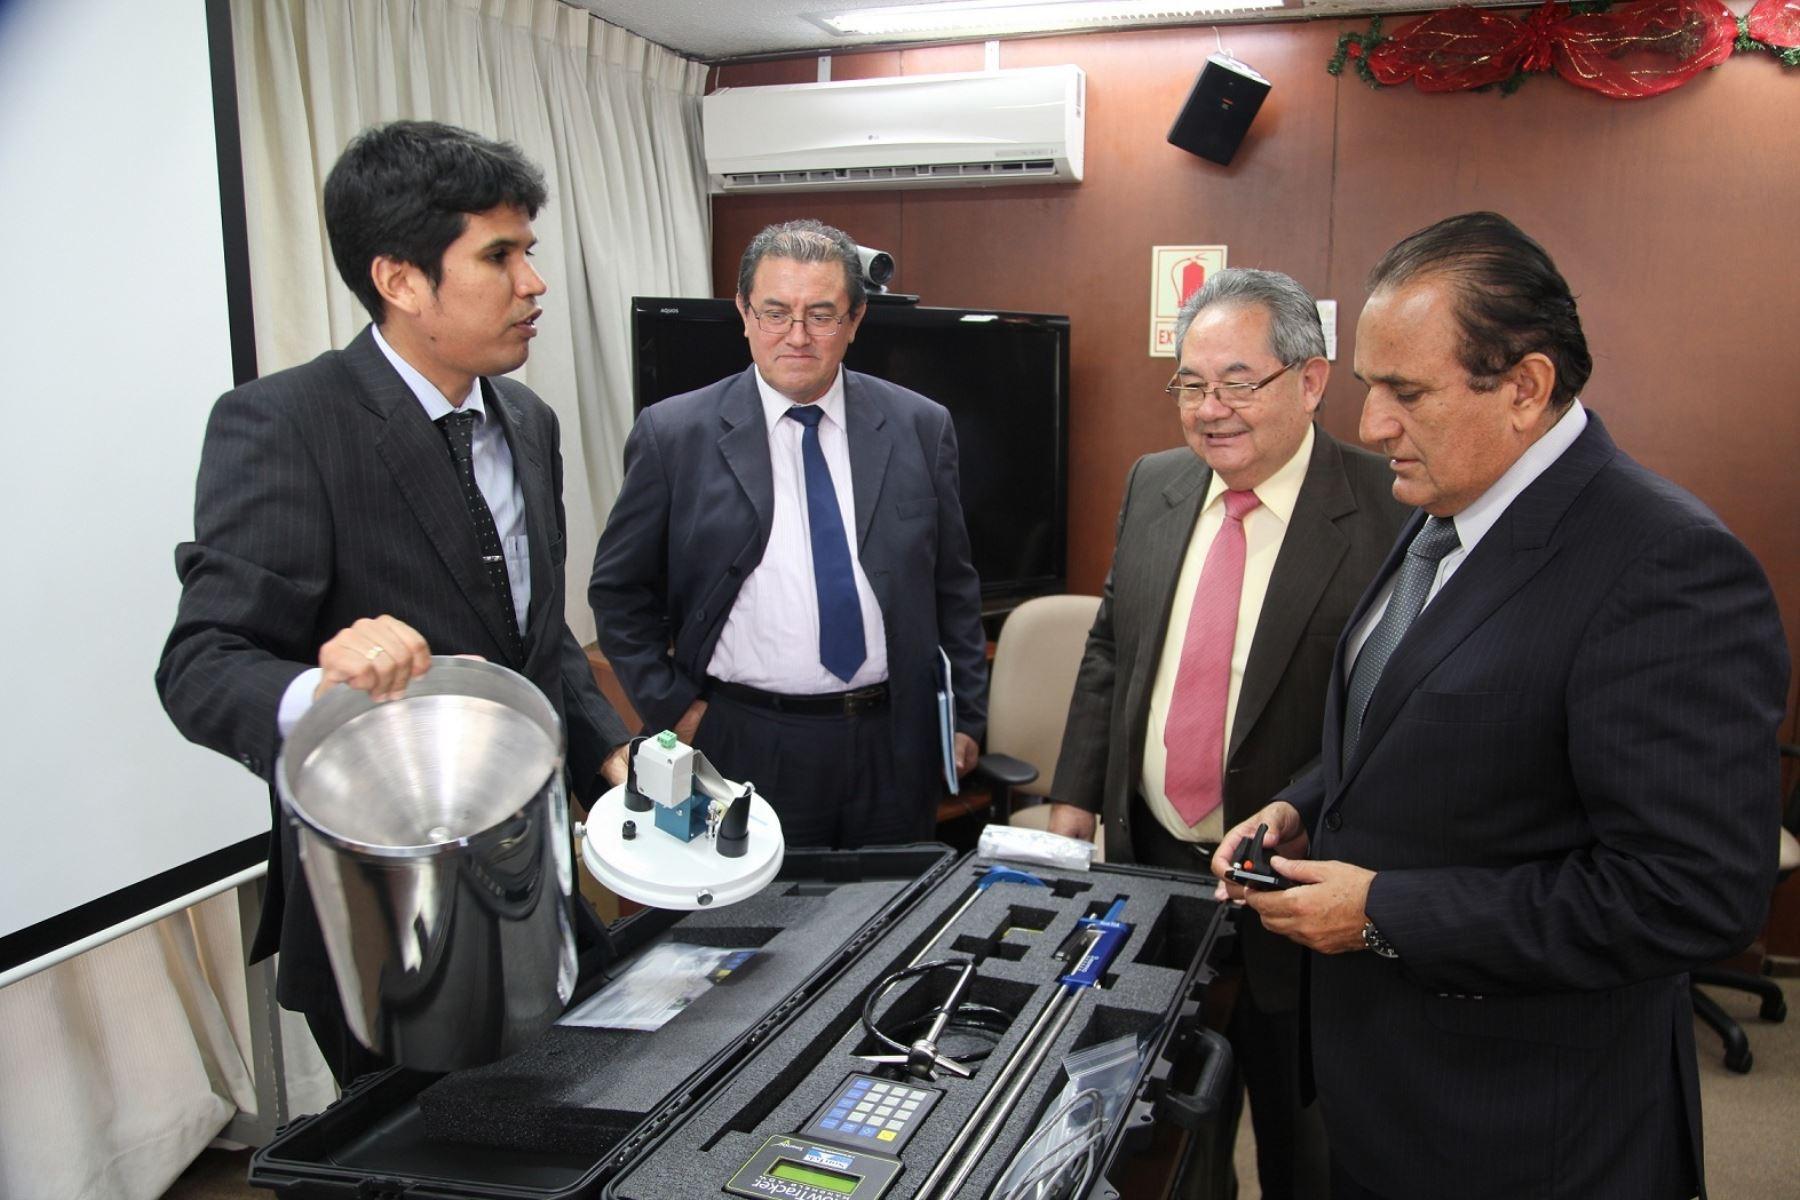 Agencia Nacional de Aguas de Brasil donó a la ANA dos estaciones hidrometereológicas automáticas satelitales para la medición de caudales, lluvias y calidad del agua,